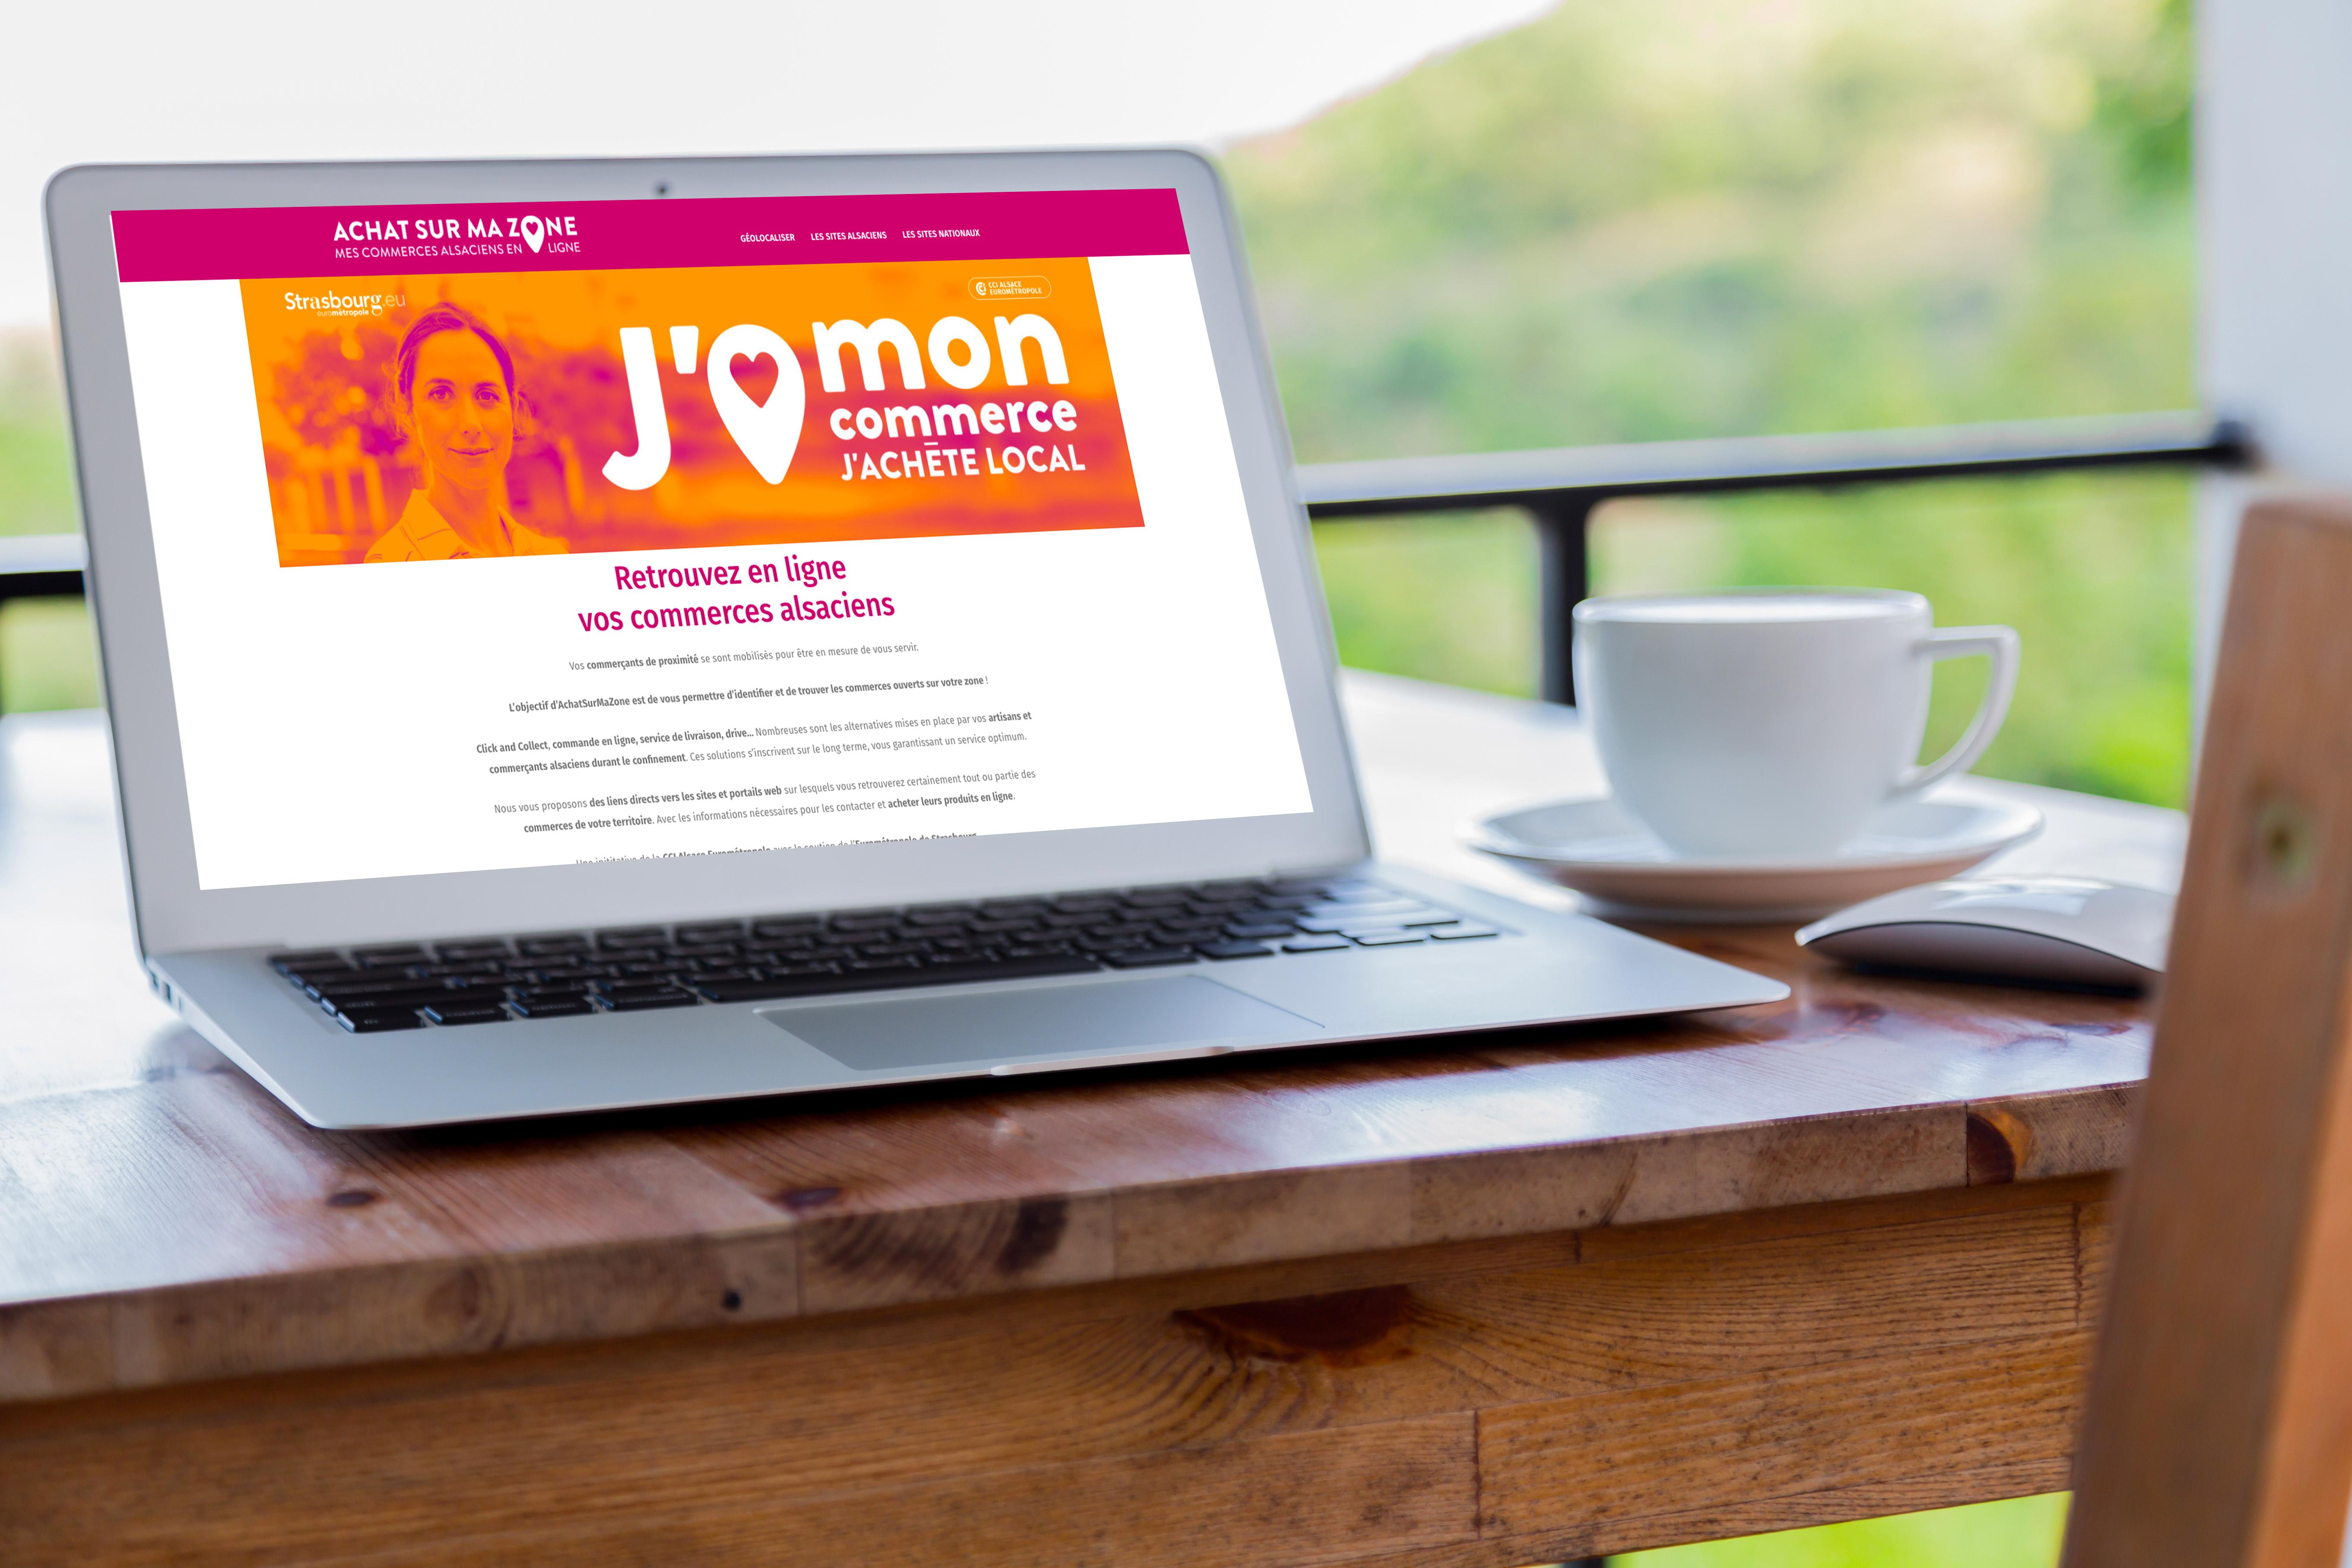 site achatsurmazone pc